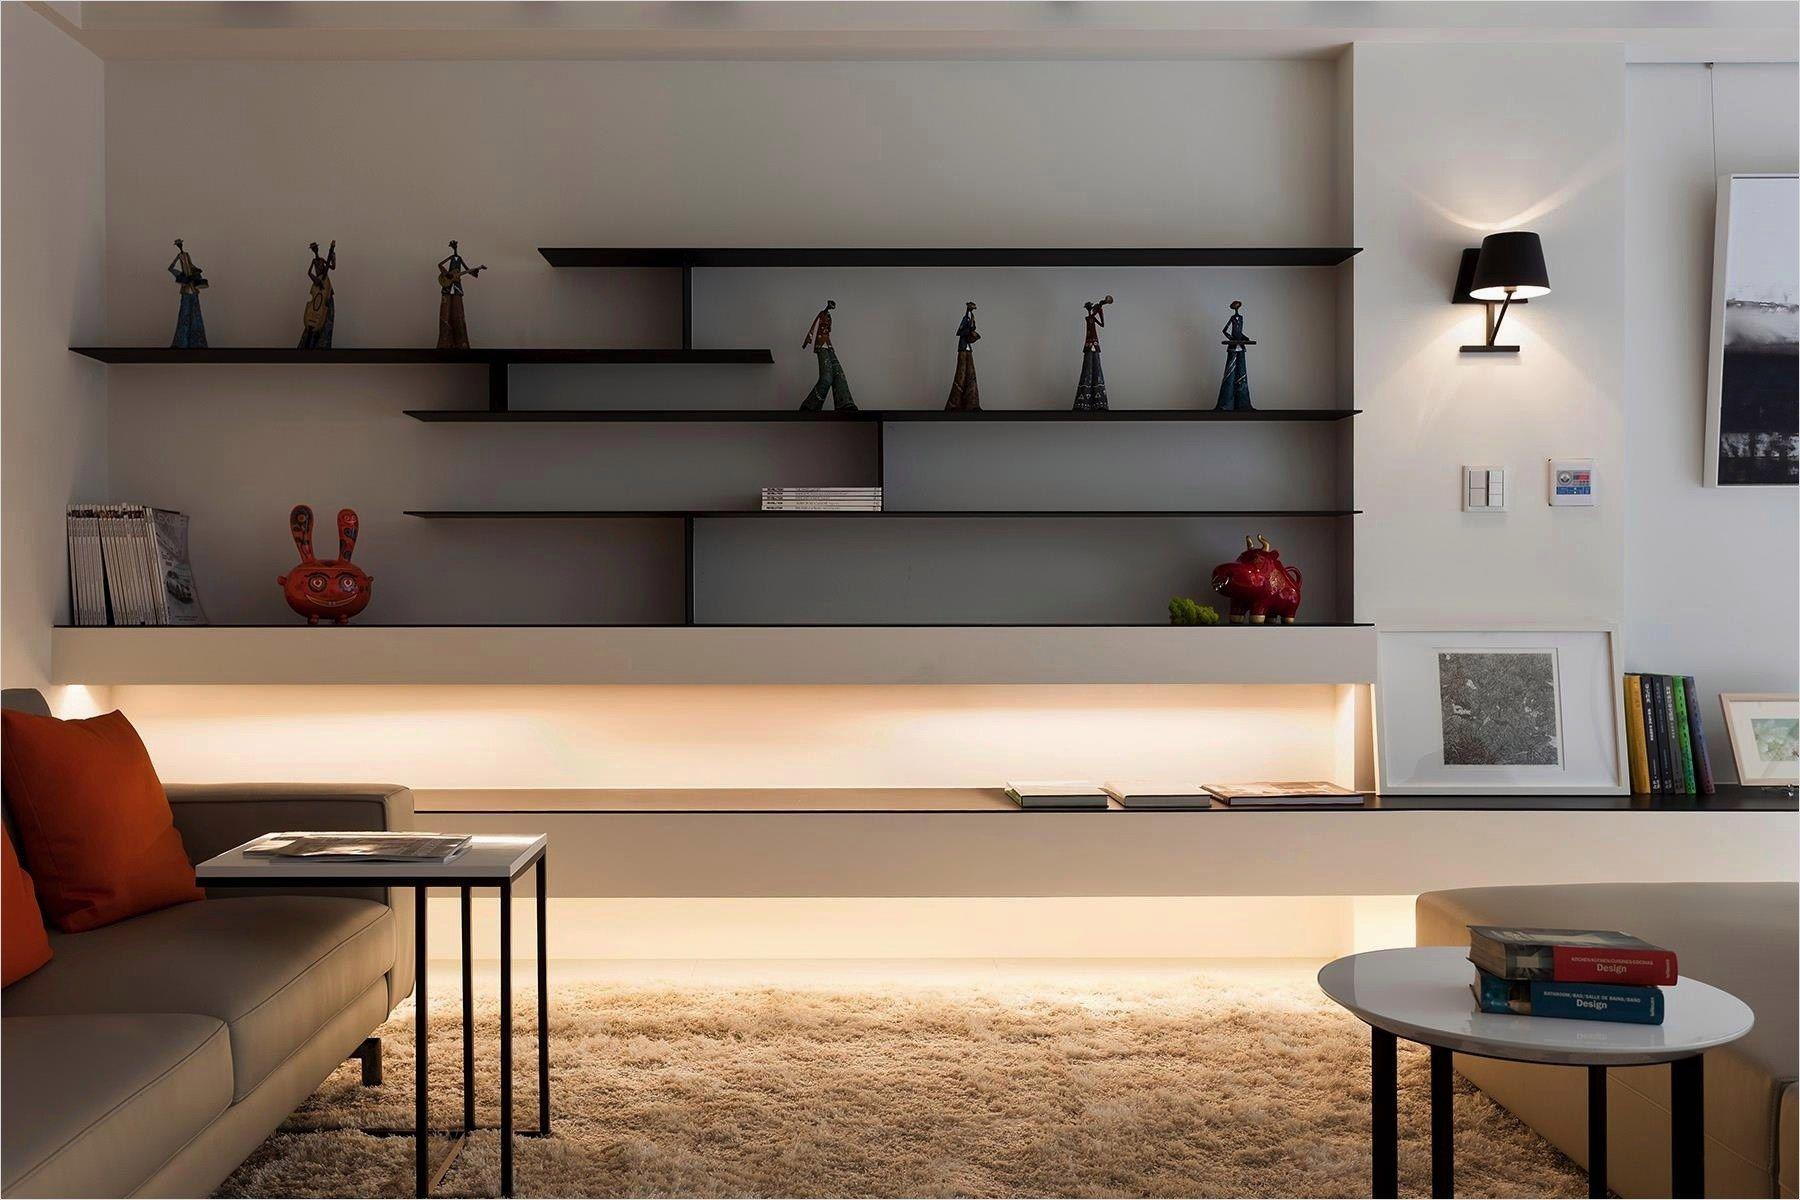 45 Amazing Unique Wall Shelves Ideas 93 Unusual Unique